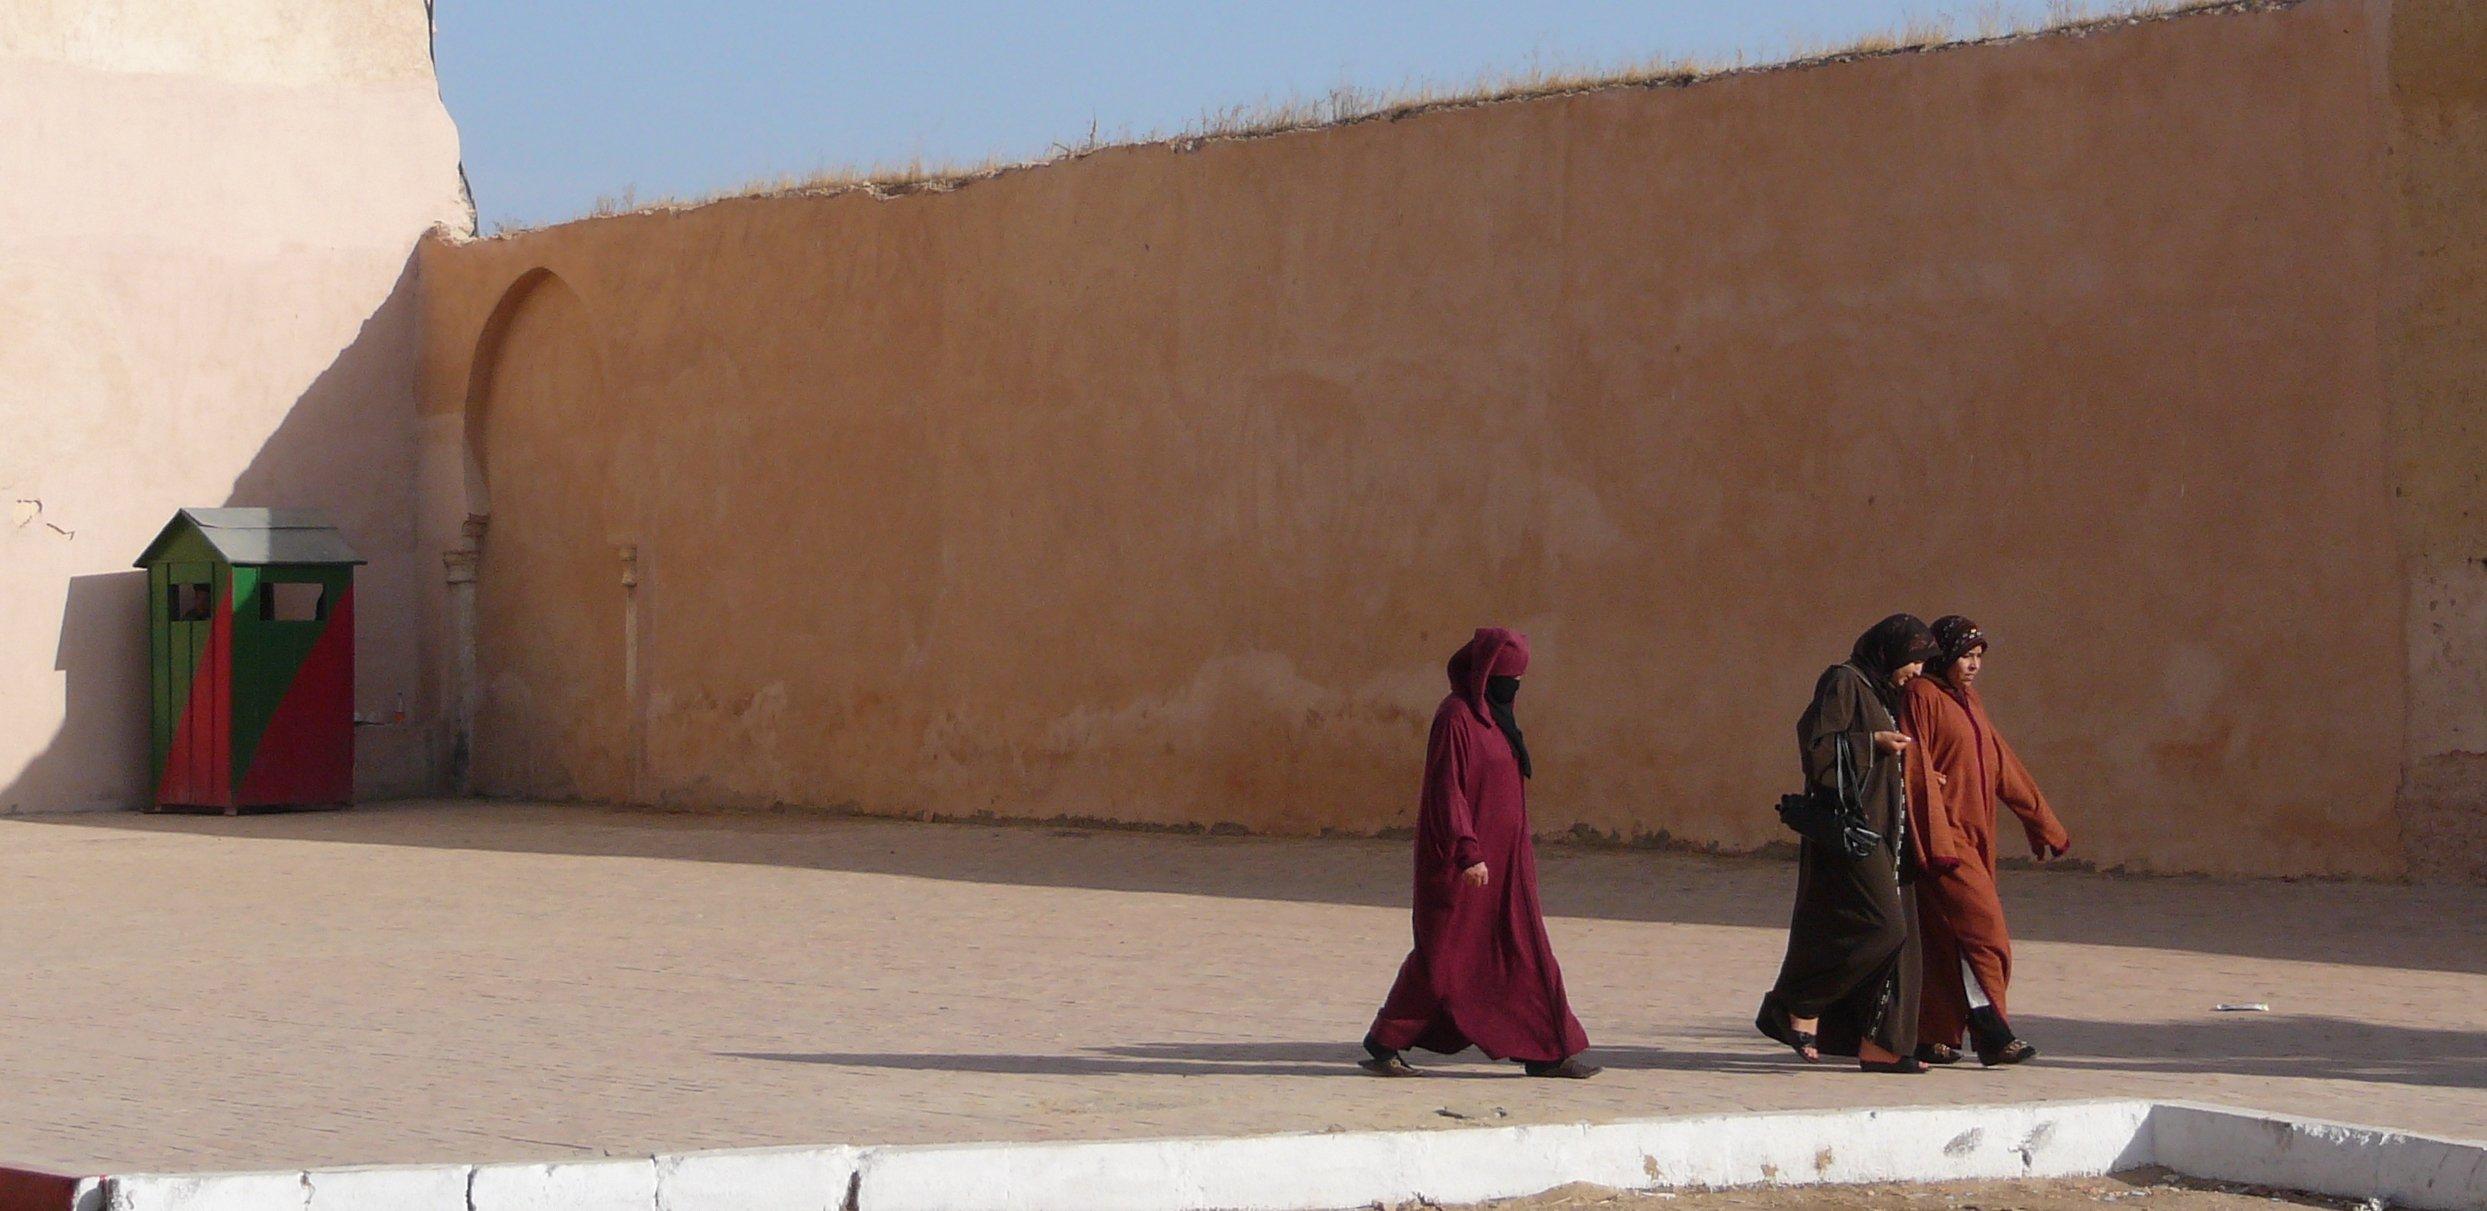 women in morocco.jpg